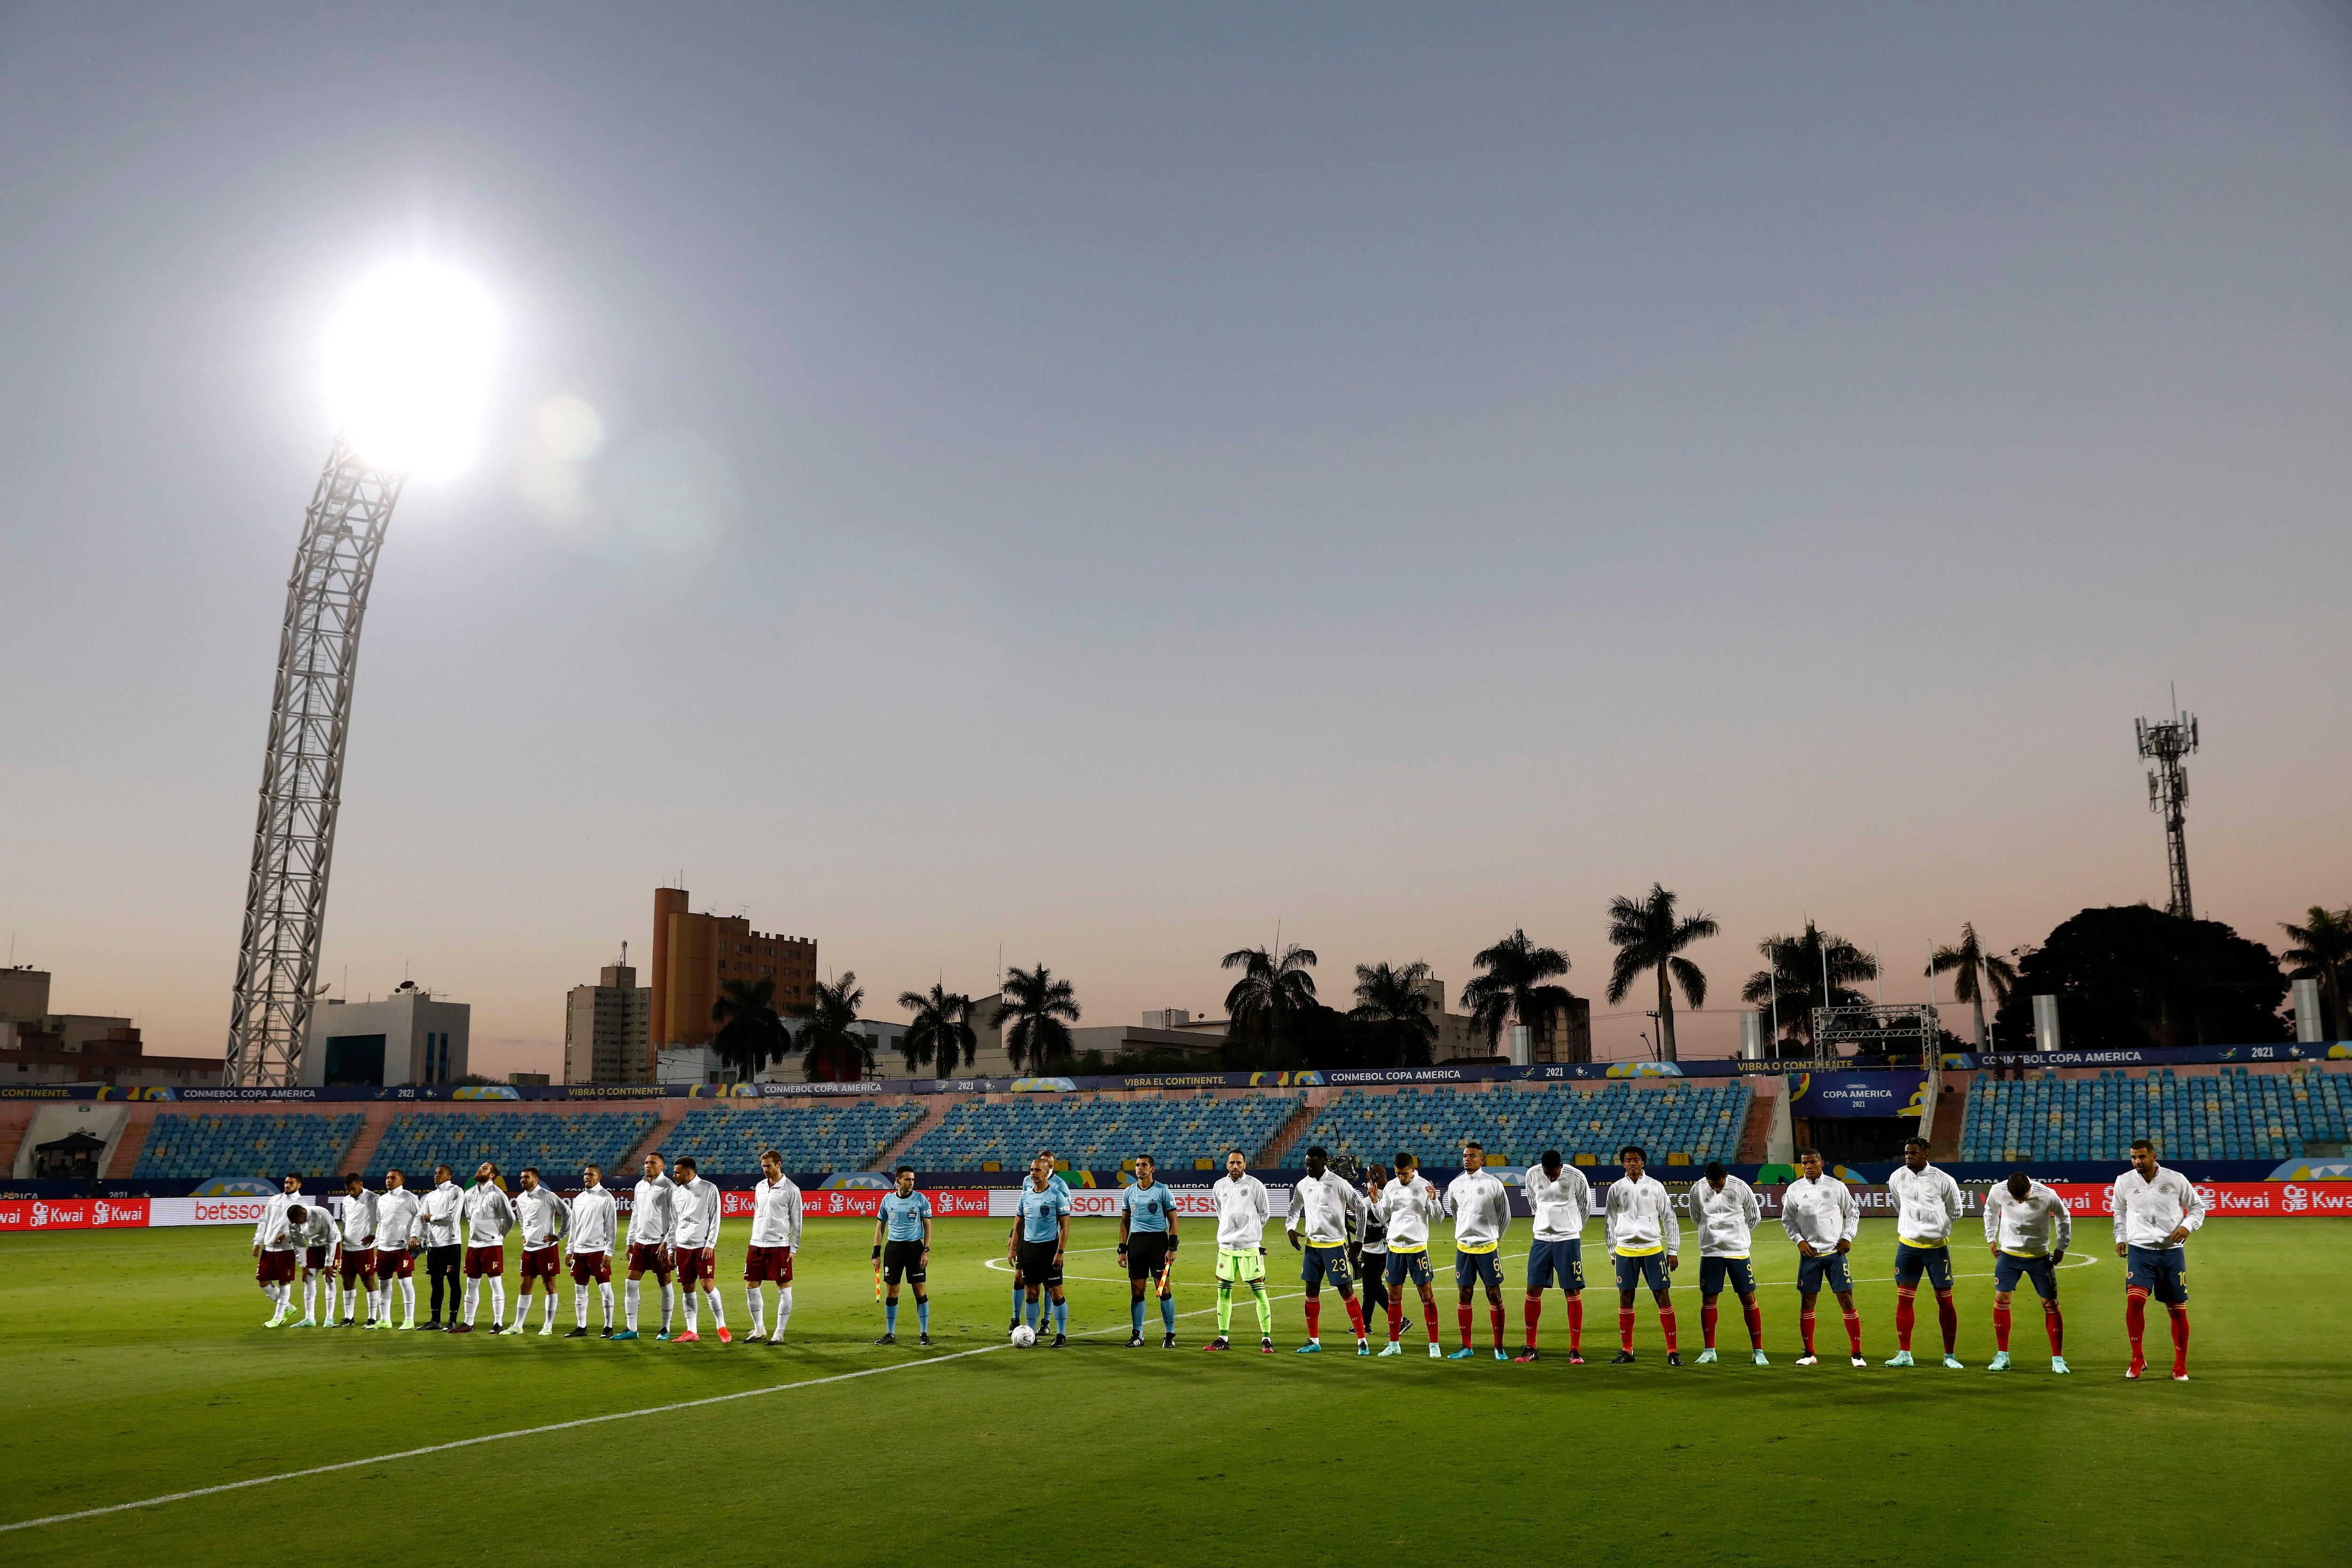 Los protagonistas en el momento de los himnos, antes de comenzar el partido. Foto: REUTERS/Diego Vara